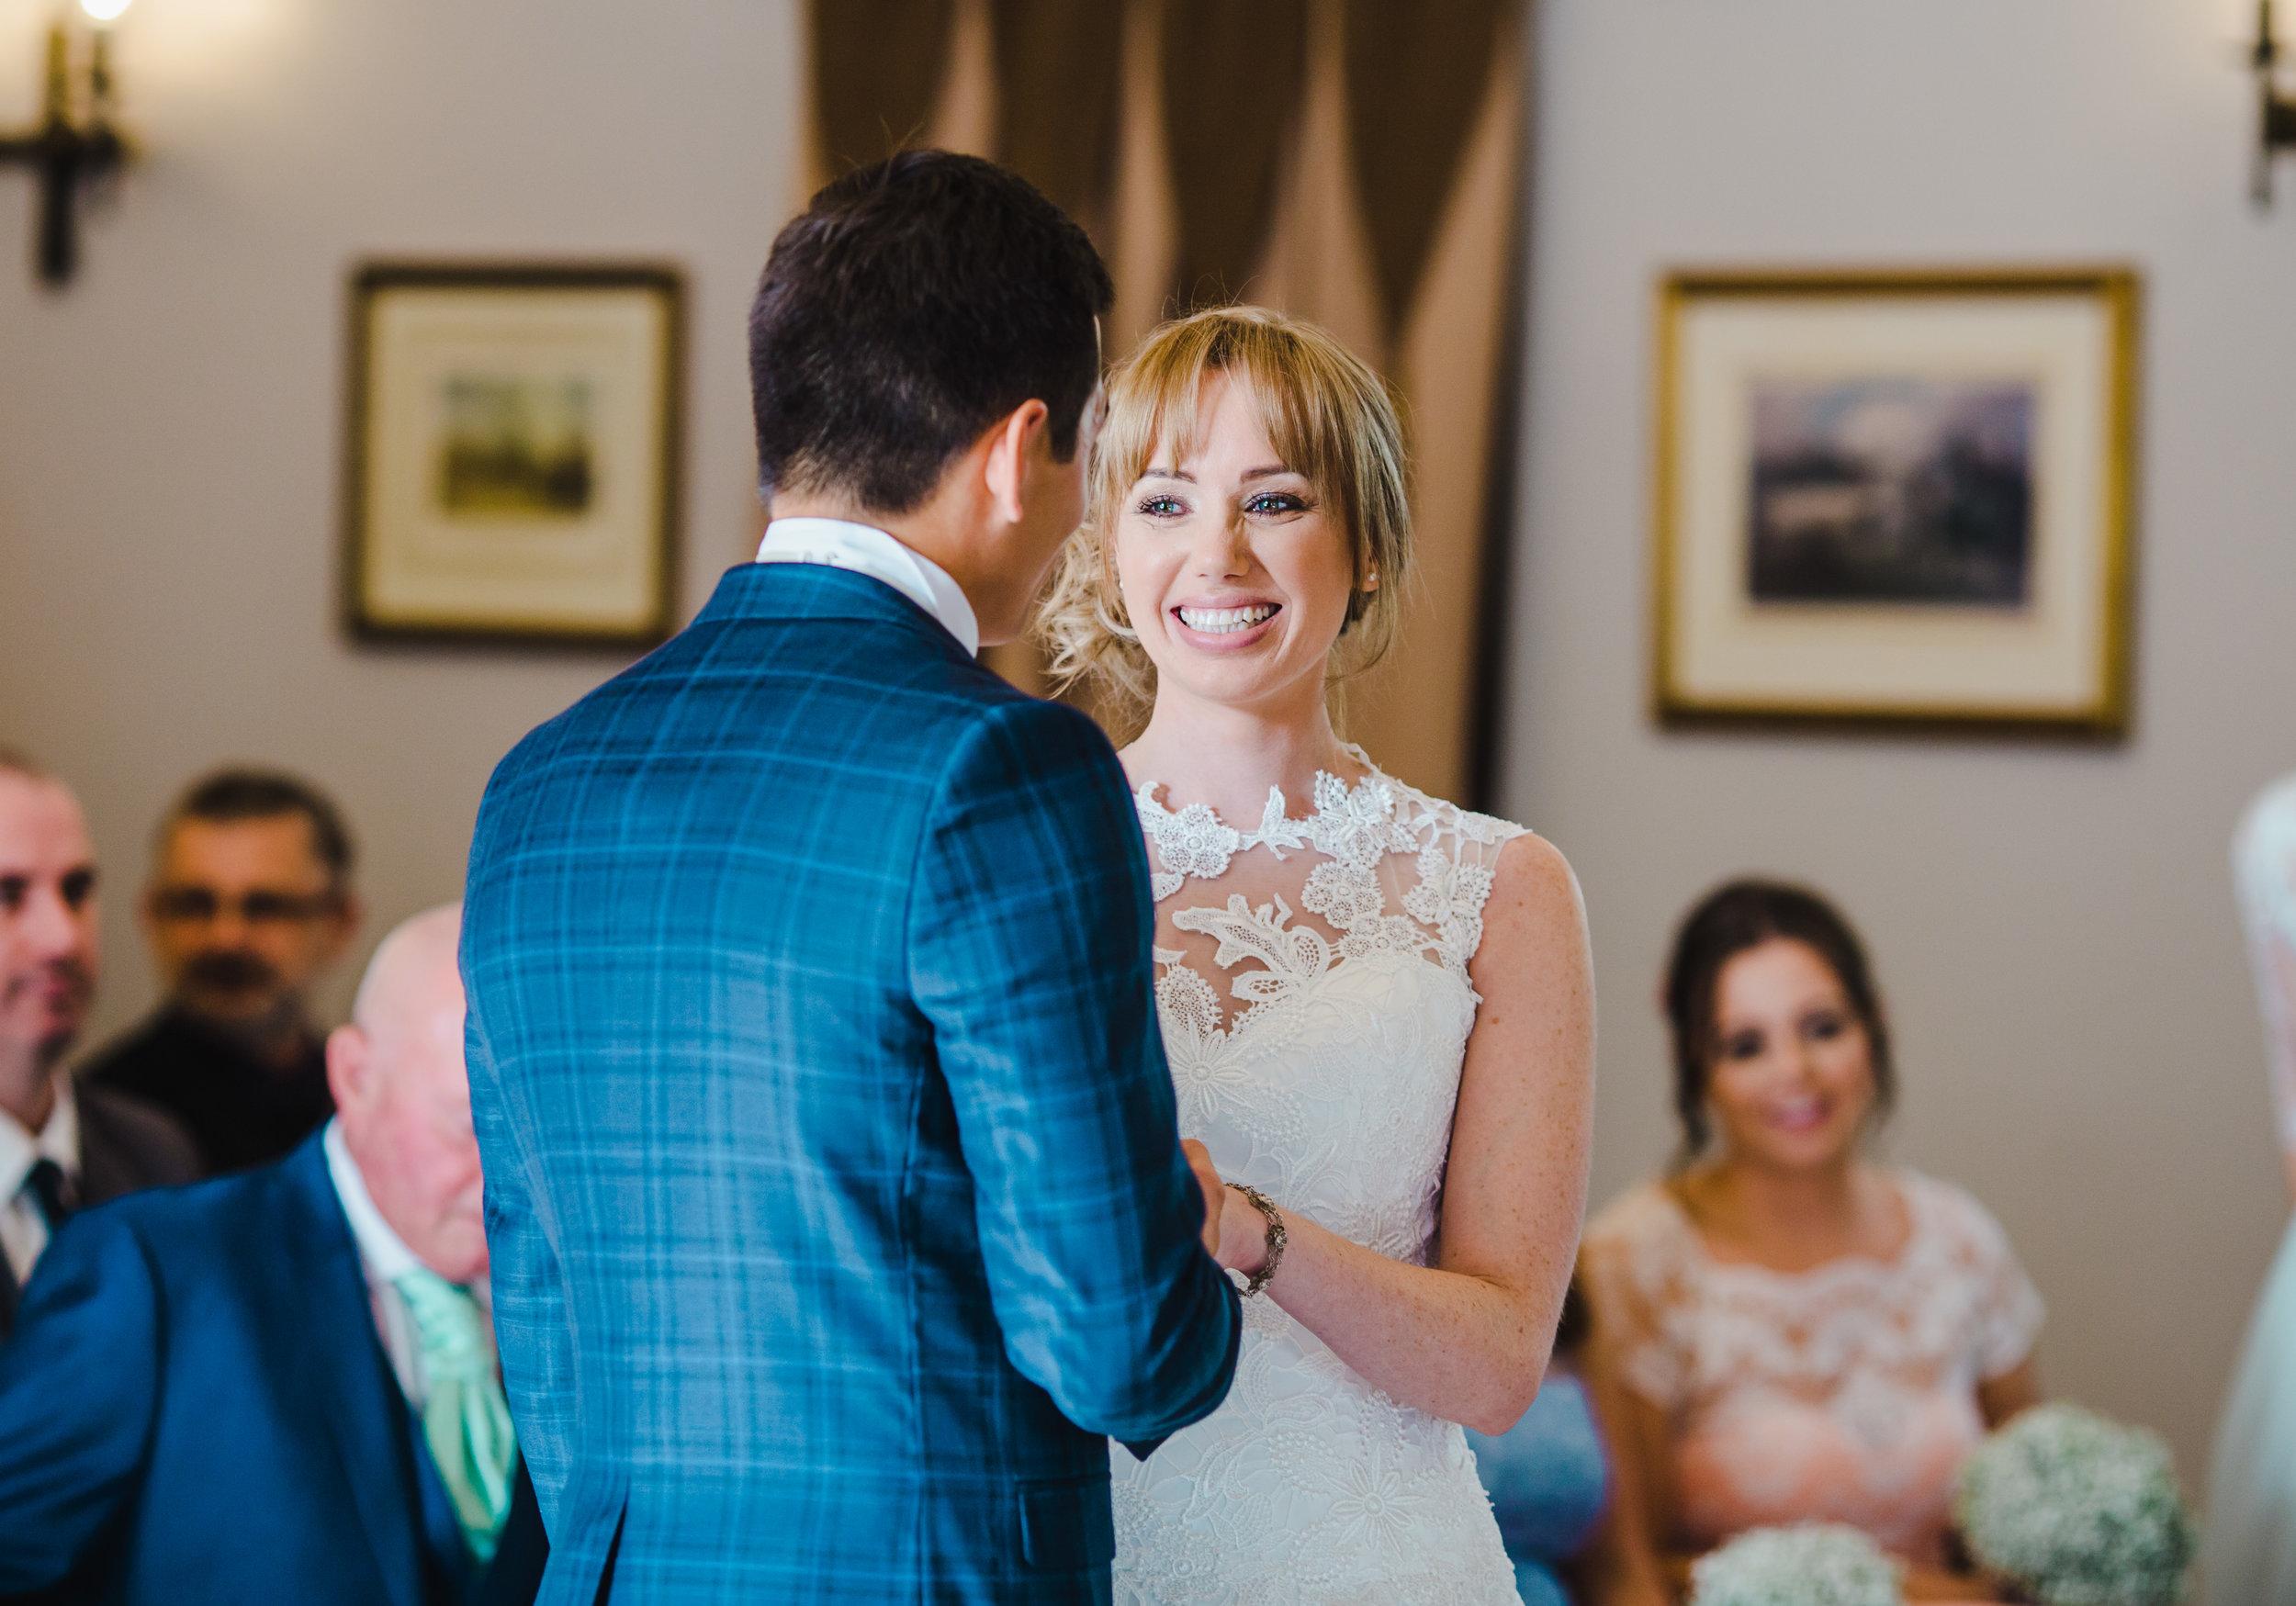 Smiling bride - Lancashire wedding photography